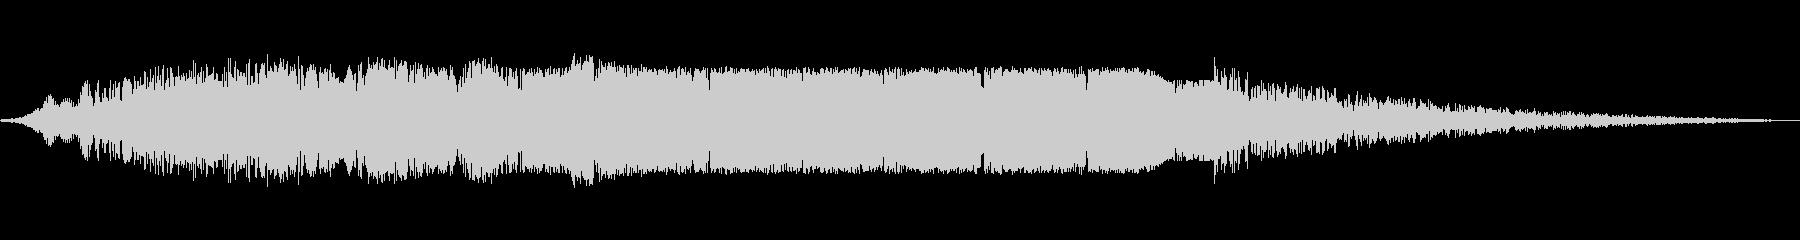 宇宙実験流体のビープ音の未再生の波形